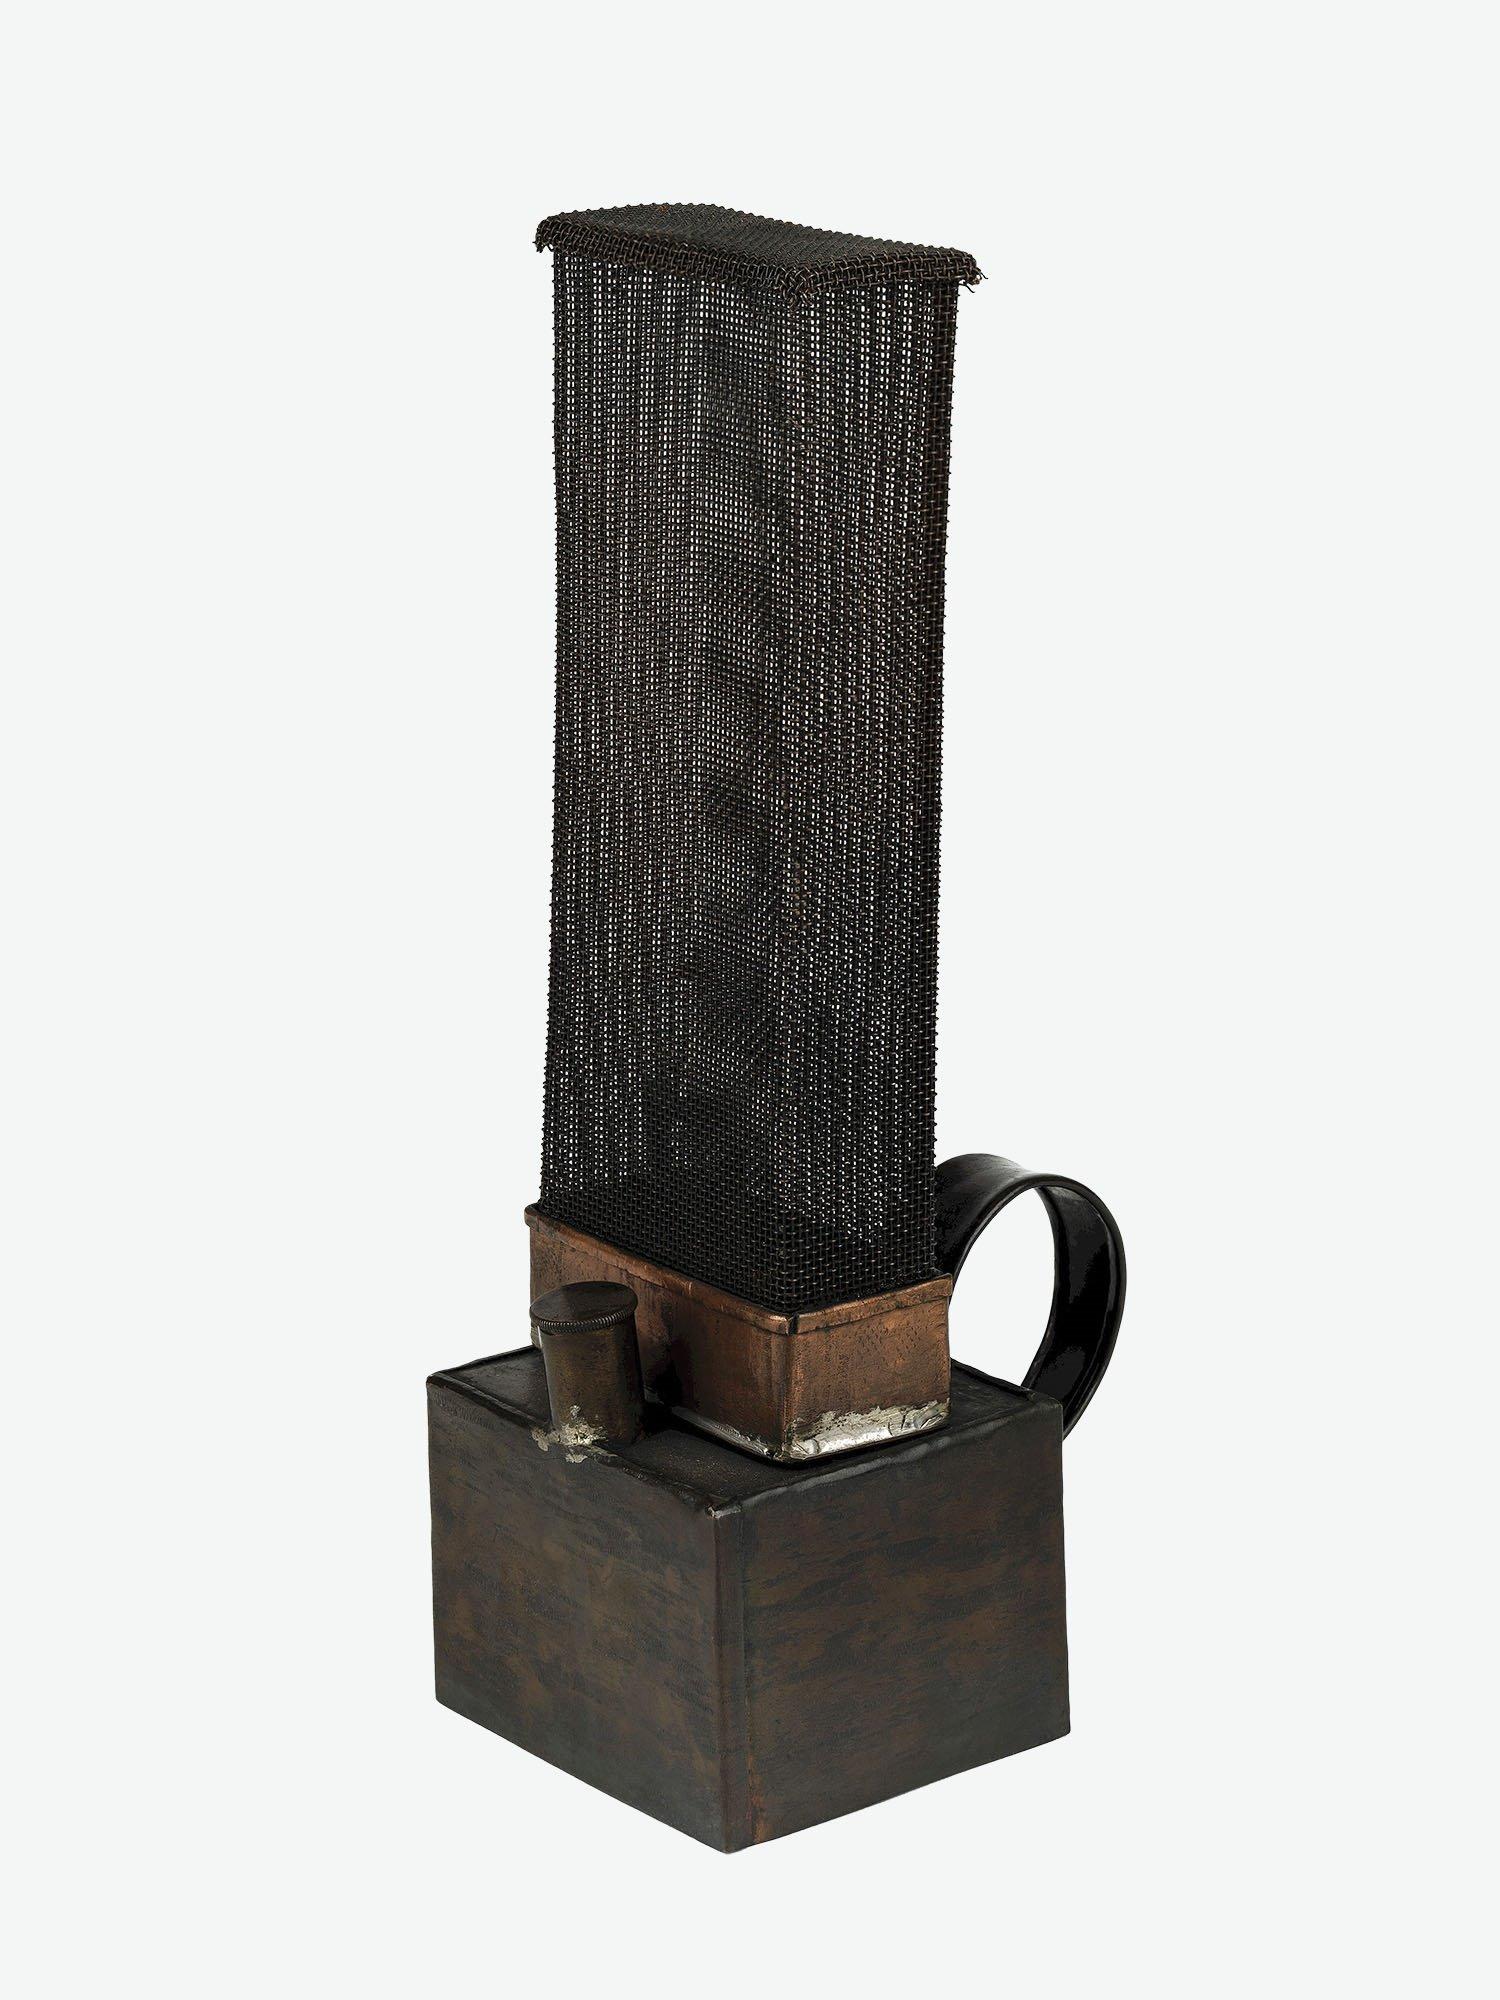 La lámpara de Davy: iluminar la mina y evitar explosiones